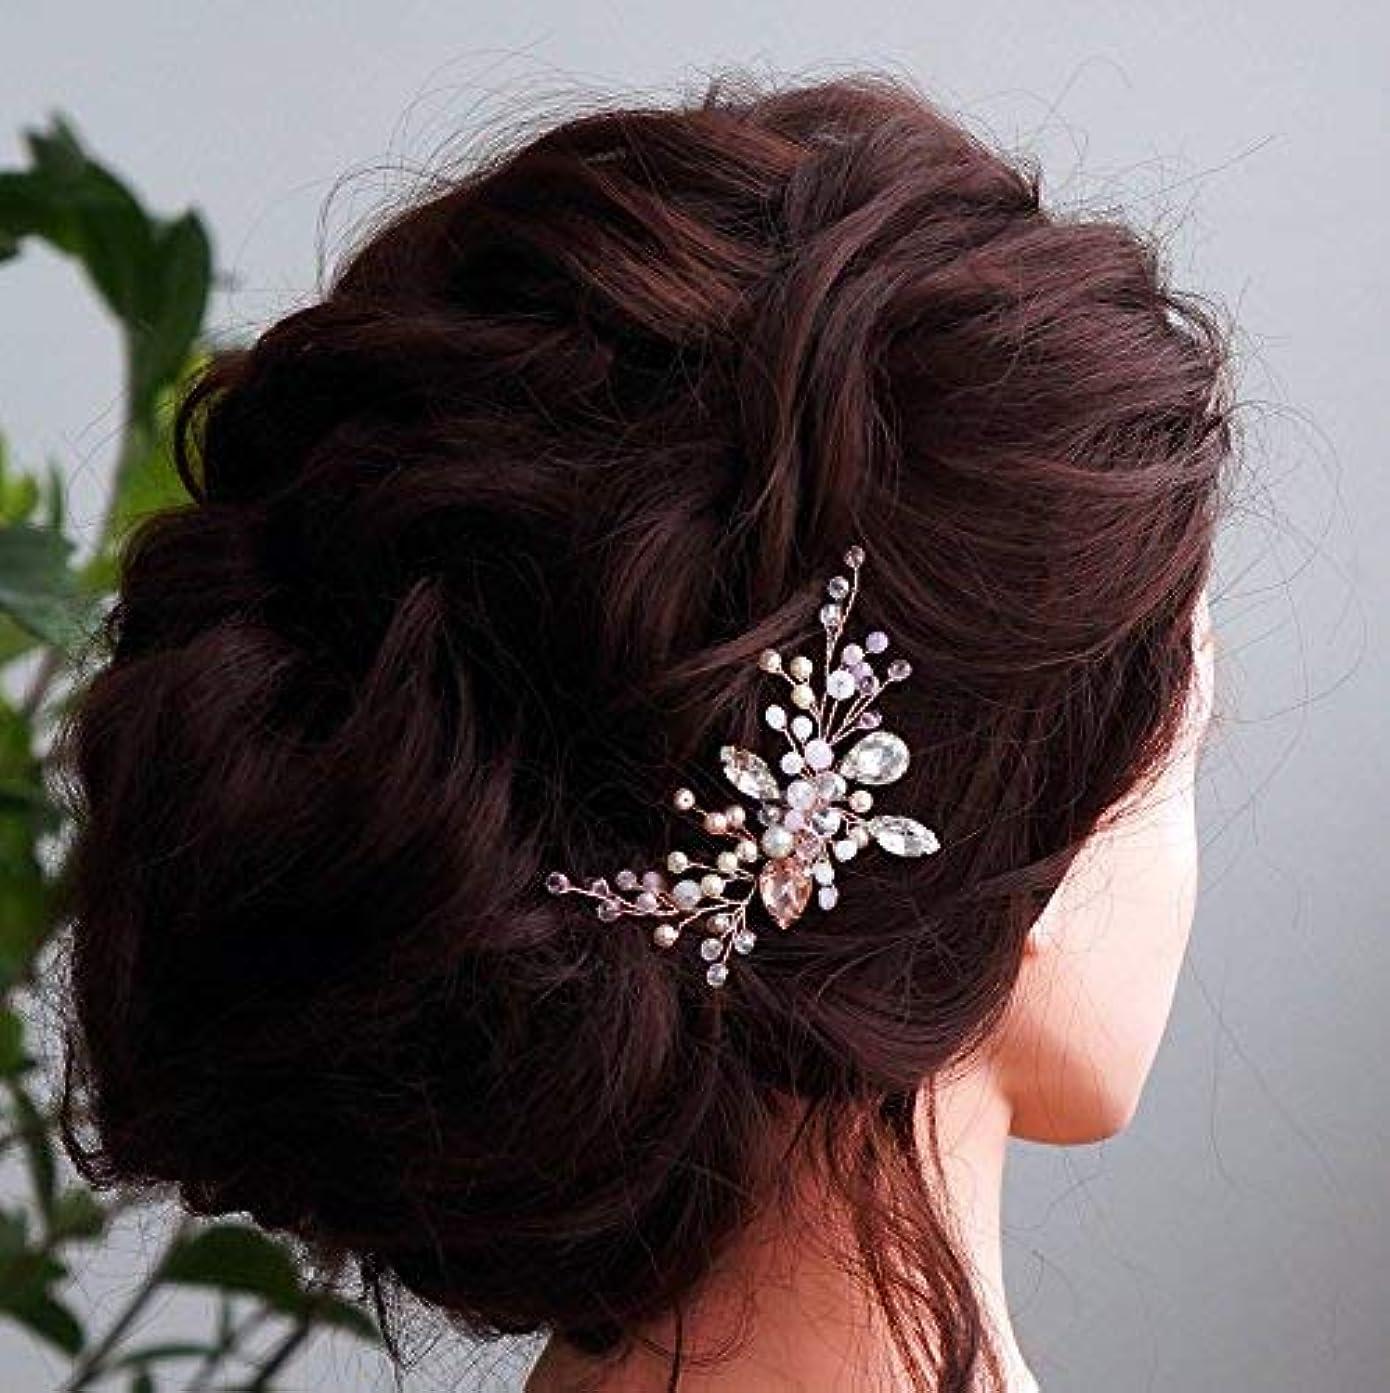 新着磁石泣くKercisbeauty Wedding Bridal Bridesmaids Flower Girl Pink Crystal Beads and Rhinestone Tiny Cute Hair Comb Headband...